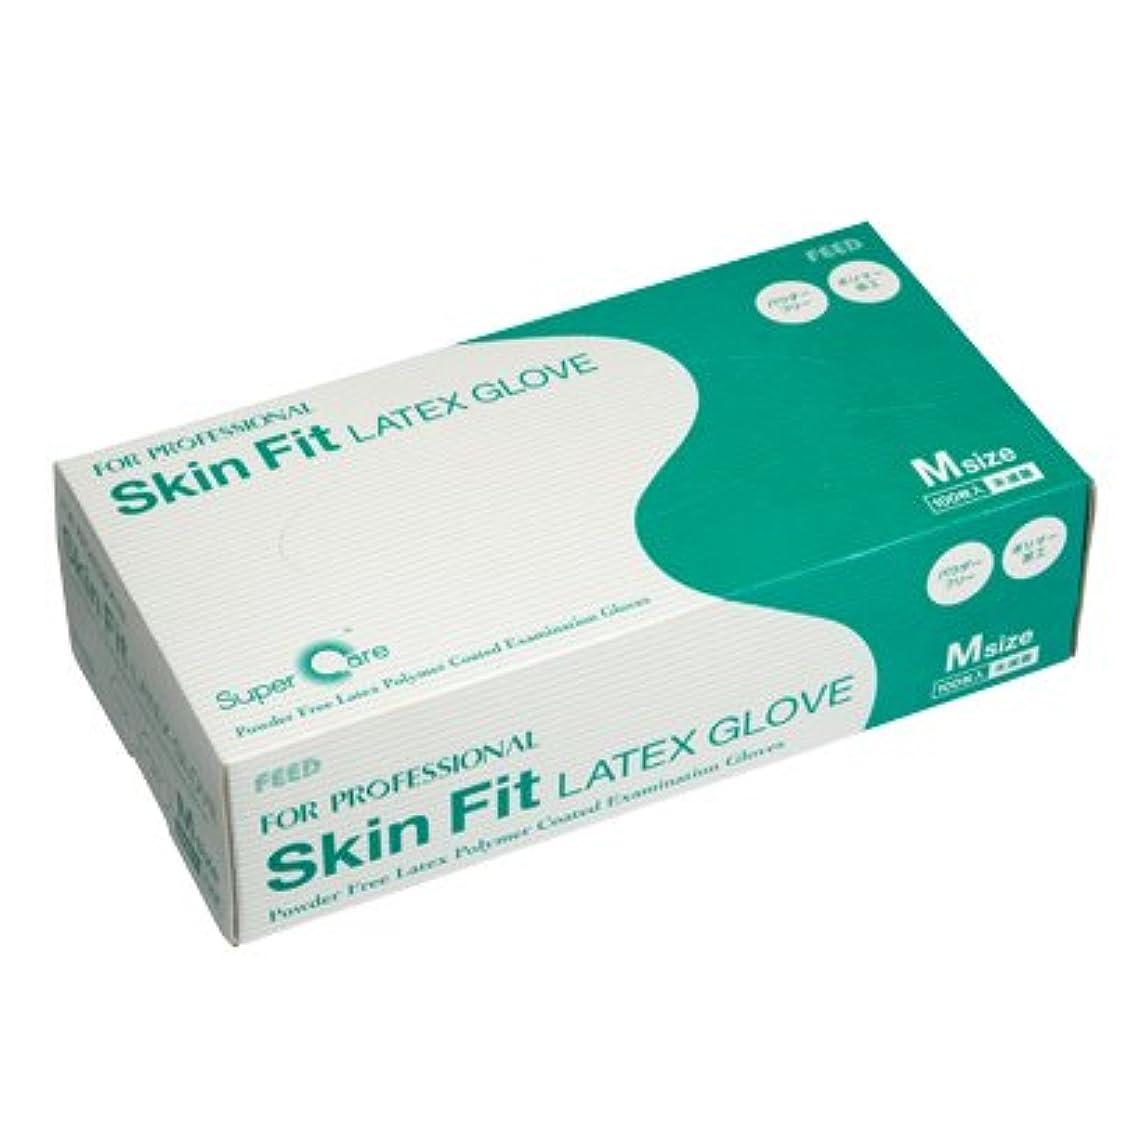 アサートあえぎ違反FEED(フィード) Skin Fit ラテックスグローブ パウダーフリー ポリマー加工 M カートン(100枚入×10ケース) (医療機器)